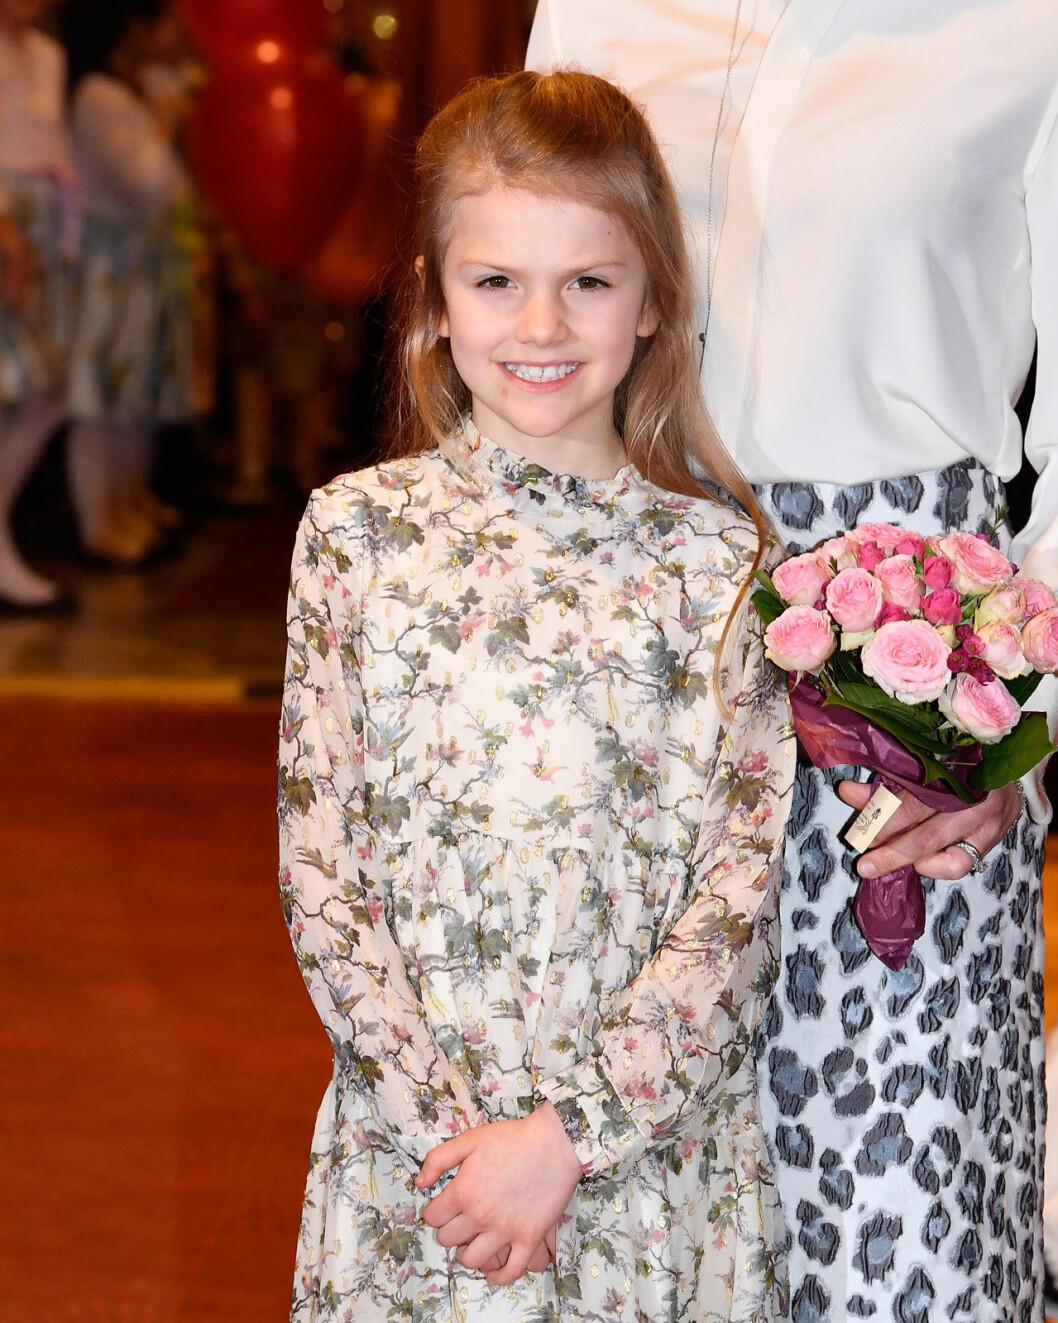 Prinsessan Estelle firar mormor drottning Silvia på Vasateatern.